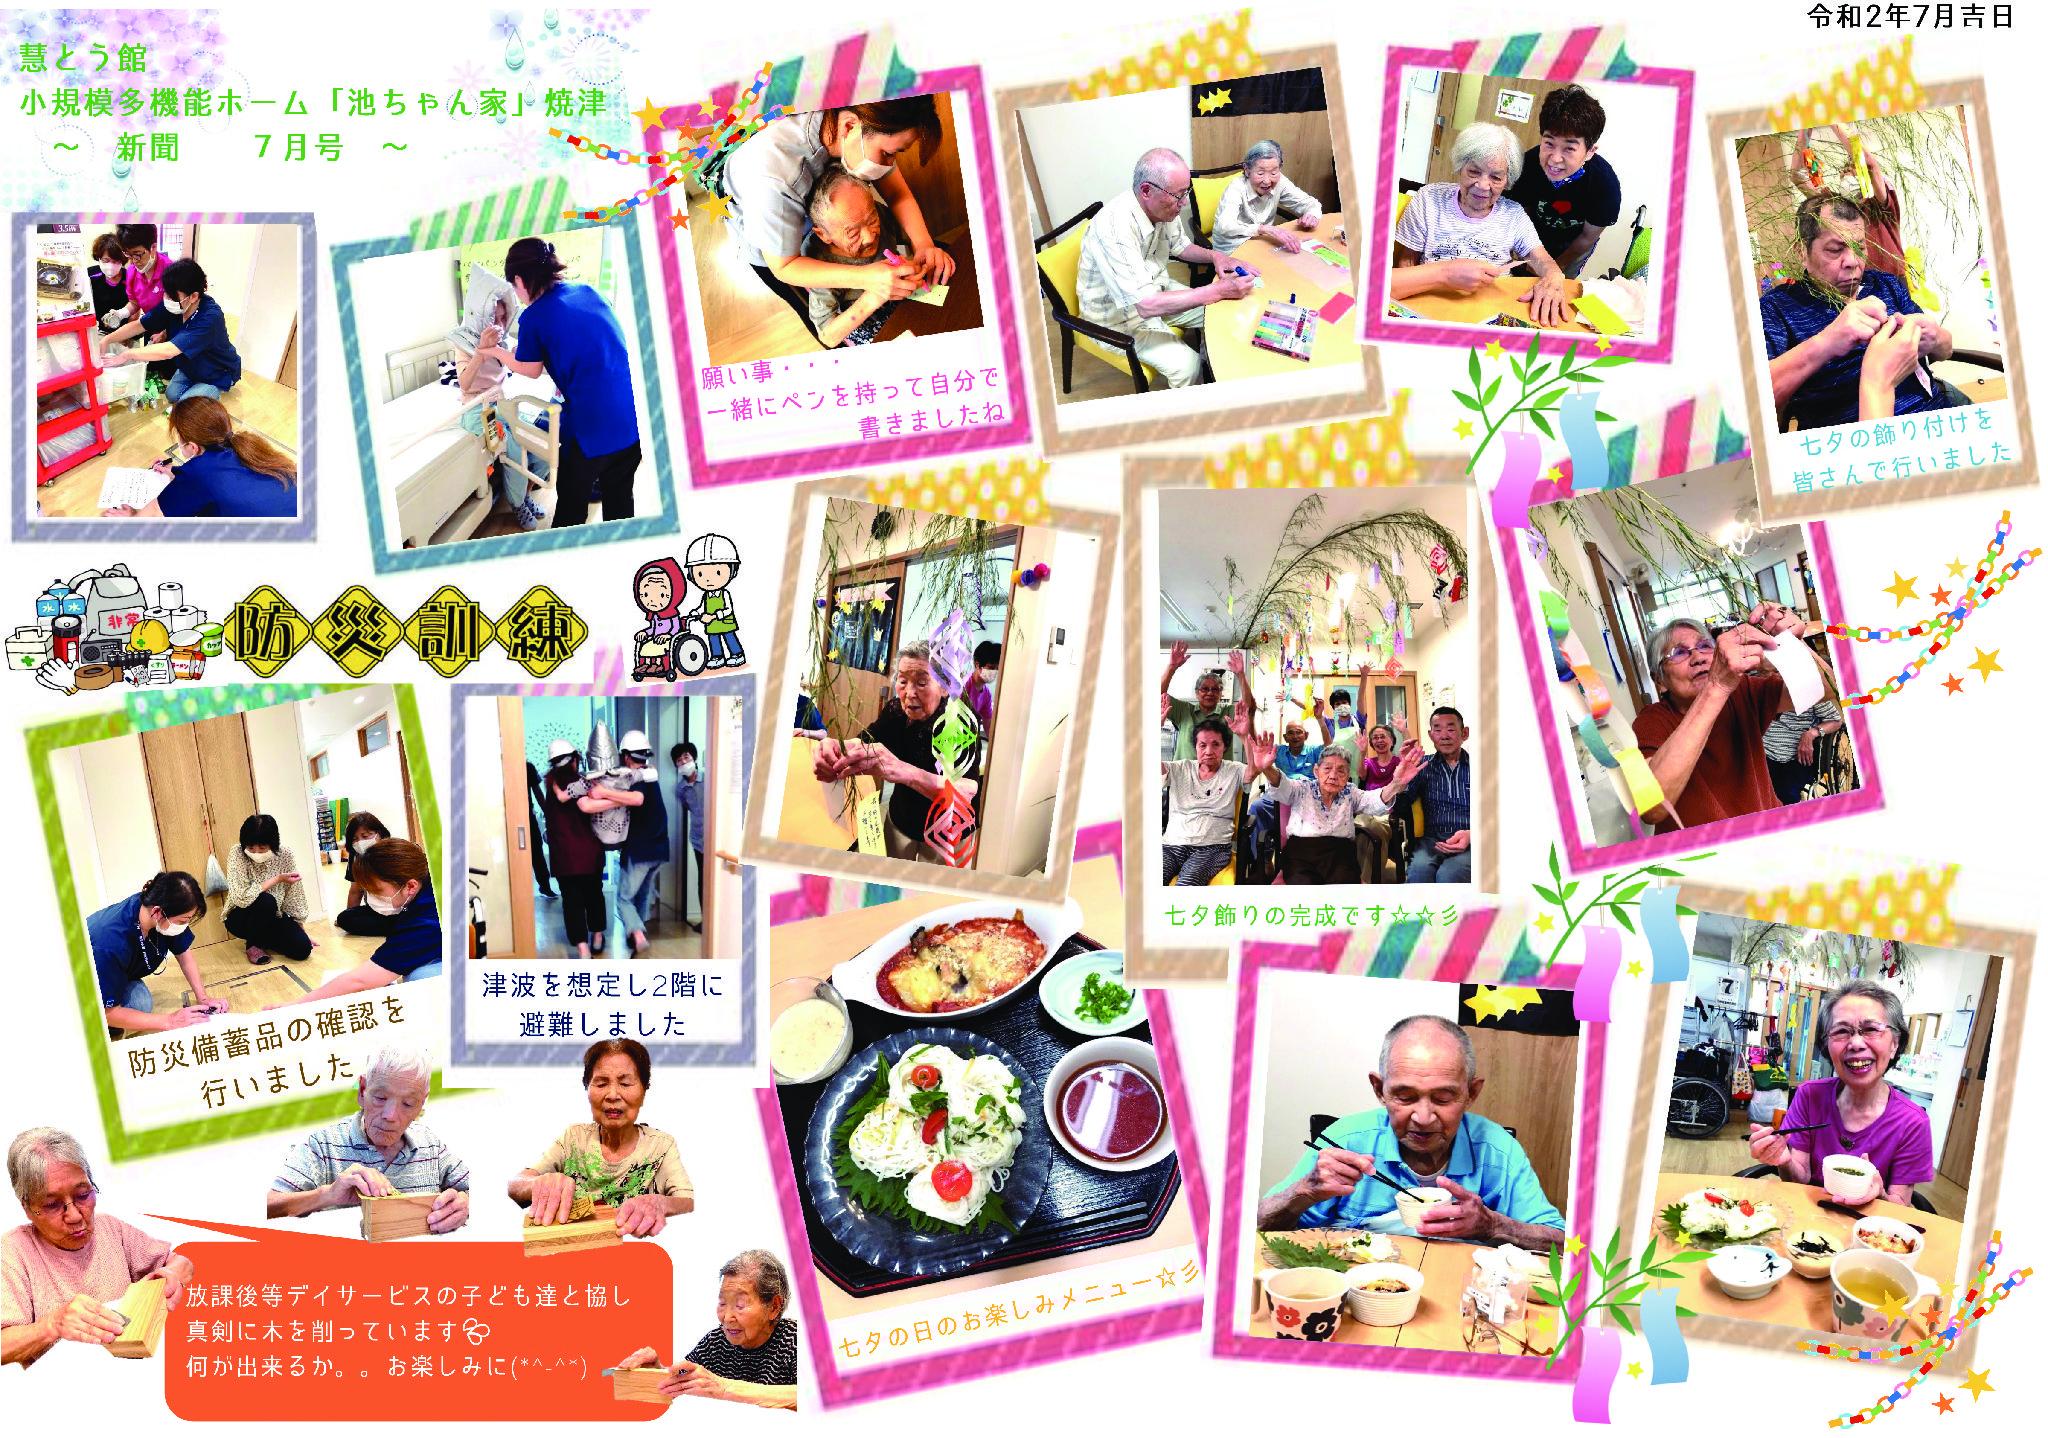 慧とう館 小規模多機能ホーム「池ちゃん家」焼津(令和2年7月)